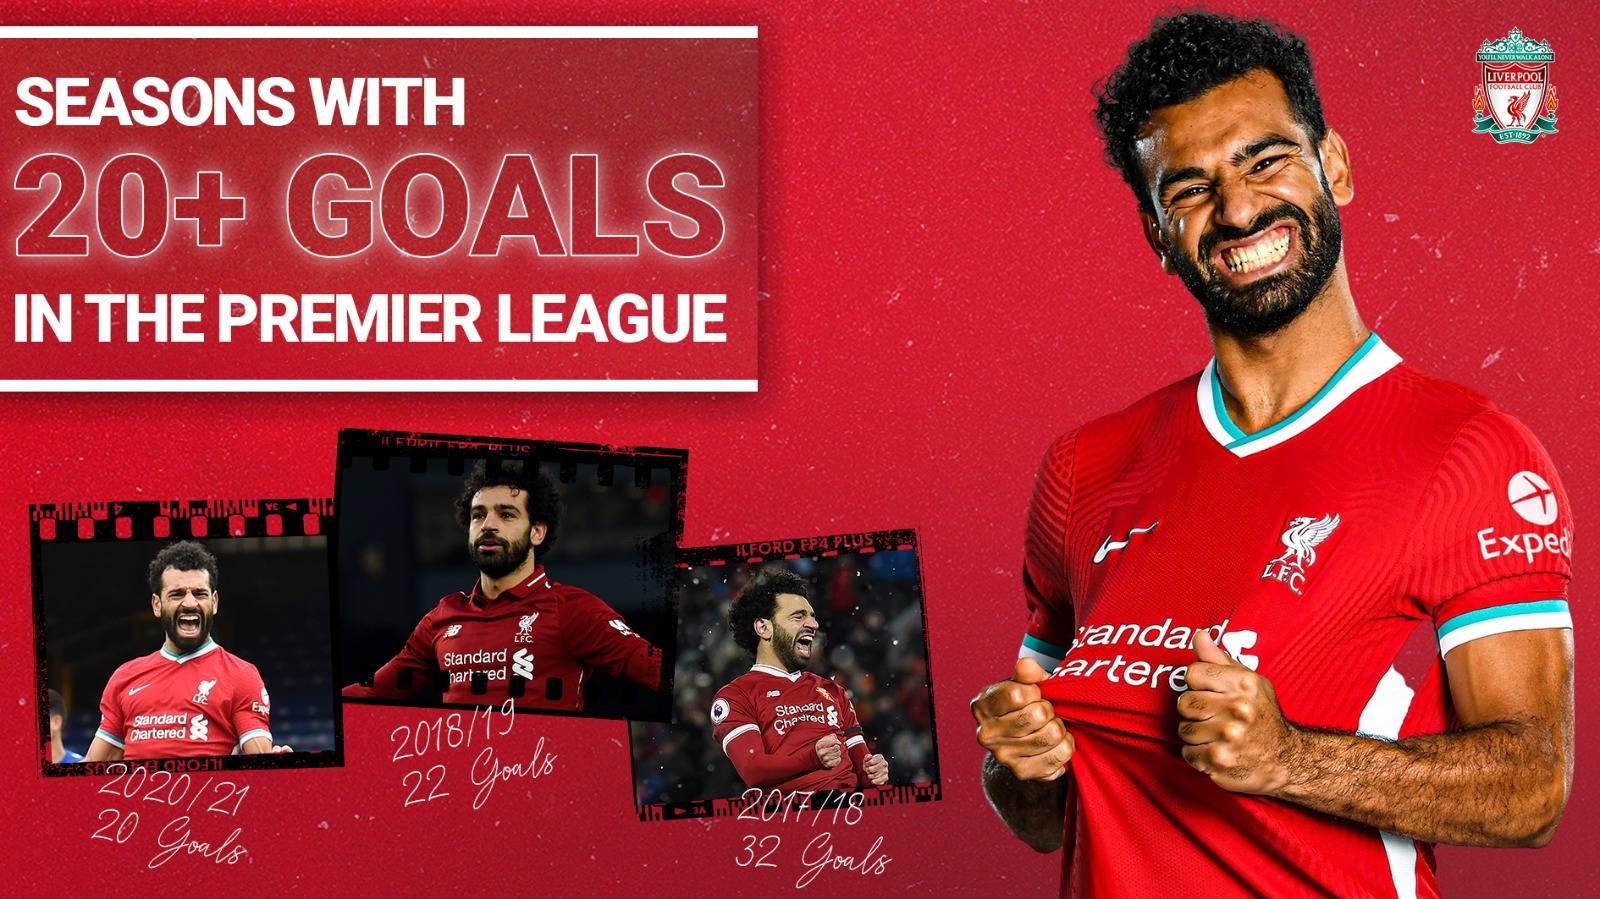 利物浦1-1纽卡!萨拉赫建功 队史首位英超时期3赛季进球20+